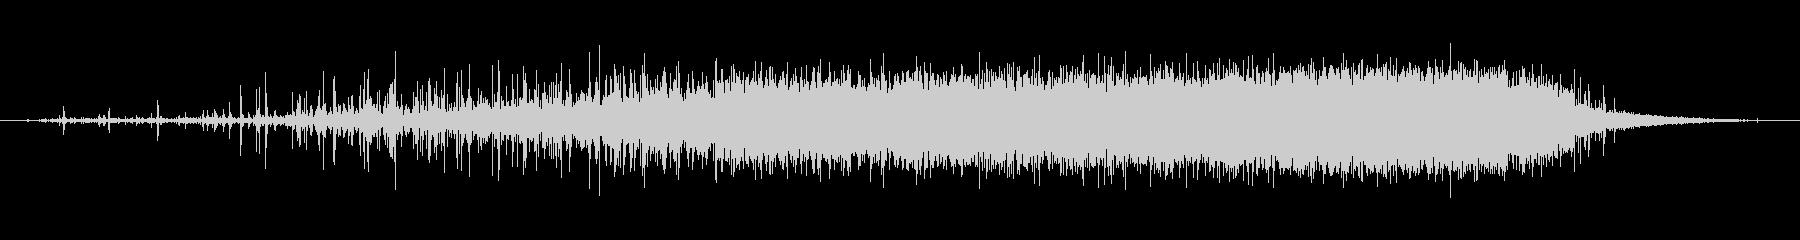 素材 レインスティックシングル02の未再生の波形